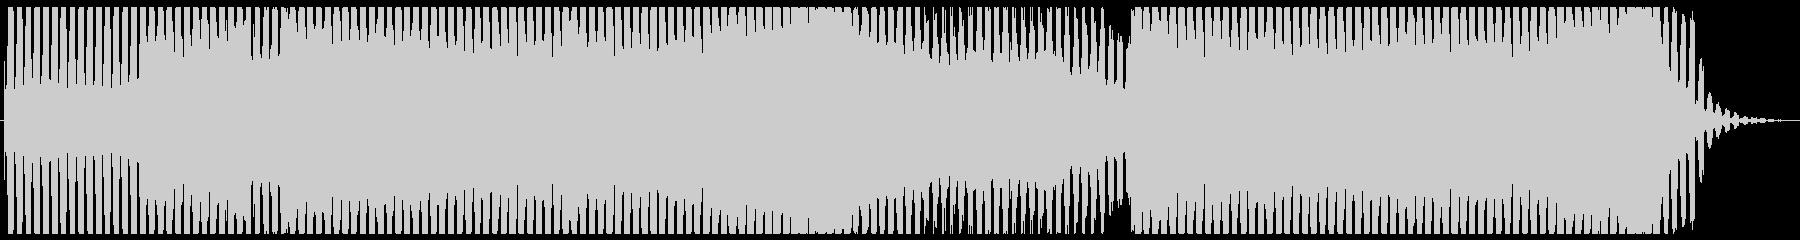 お洒落なEDM/ダンスミュージックの未再生の波形